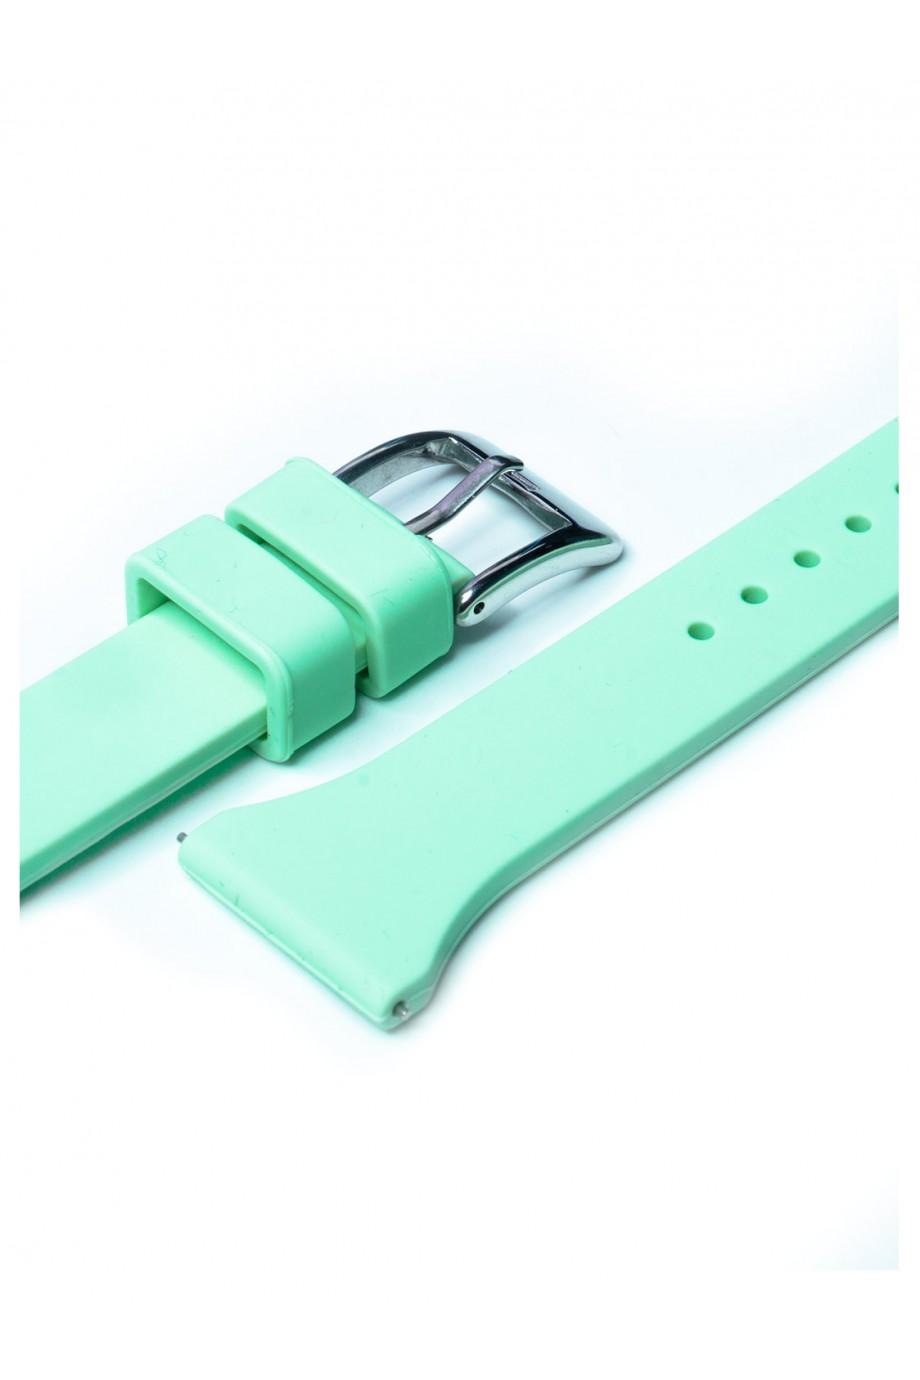 Силиконовый ремешок для Amazfit GTR 47 мм, 22 мм, застежка пряжка, мятный, mkx053